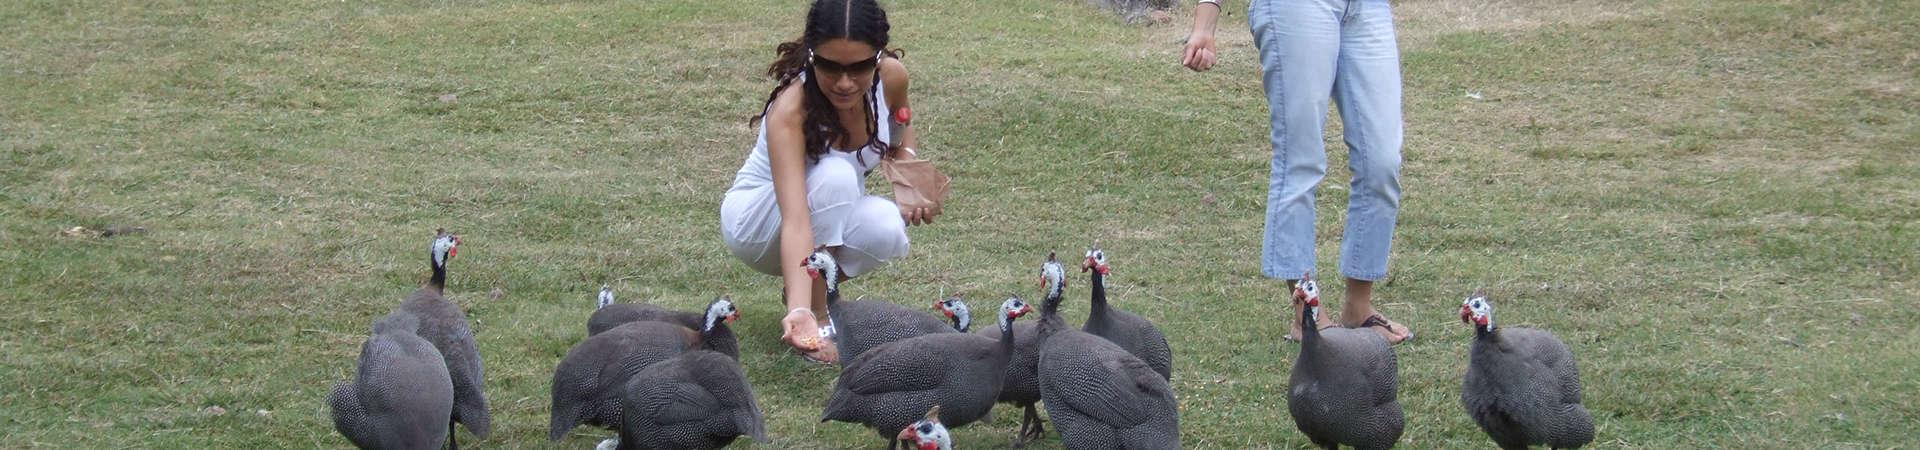 Argentinien Tierpark Fasane füttern